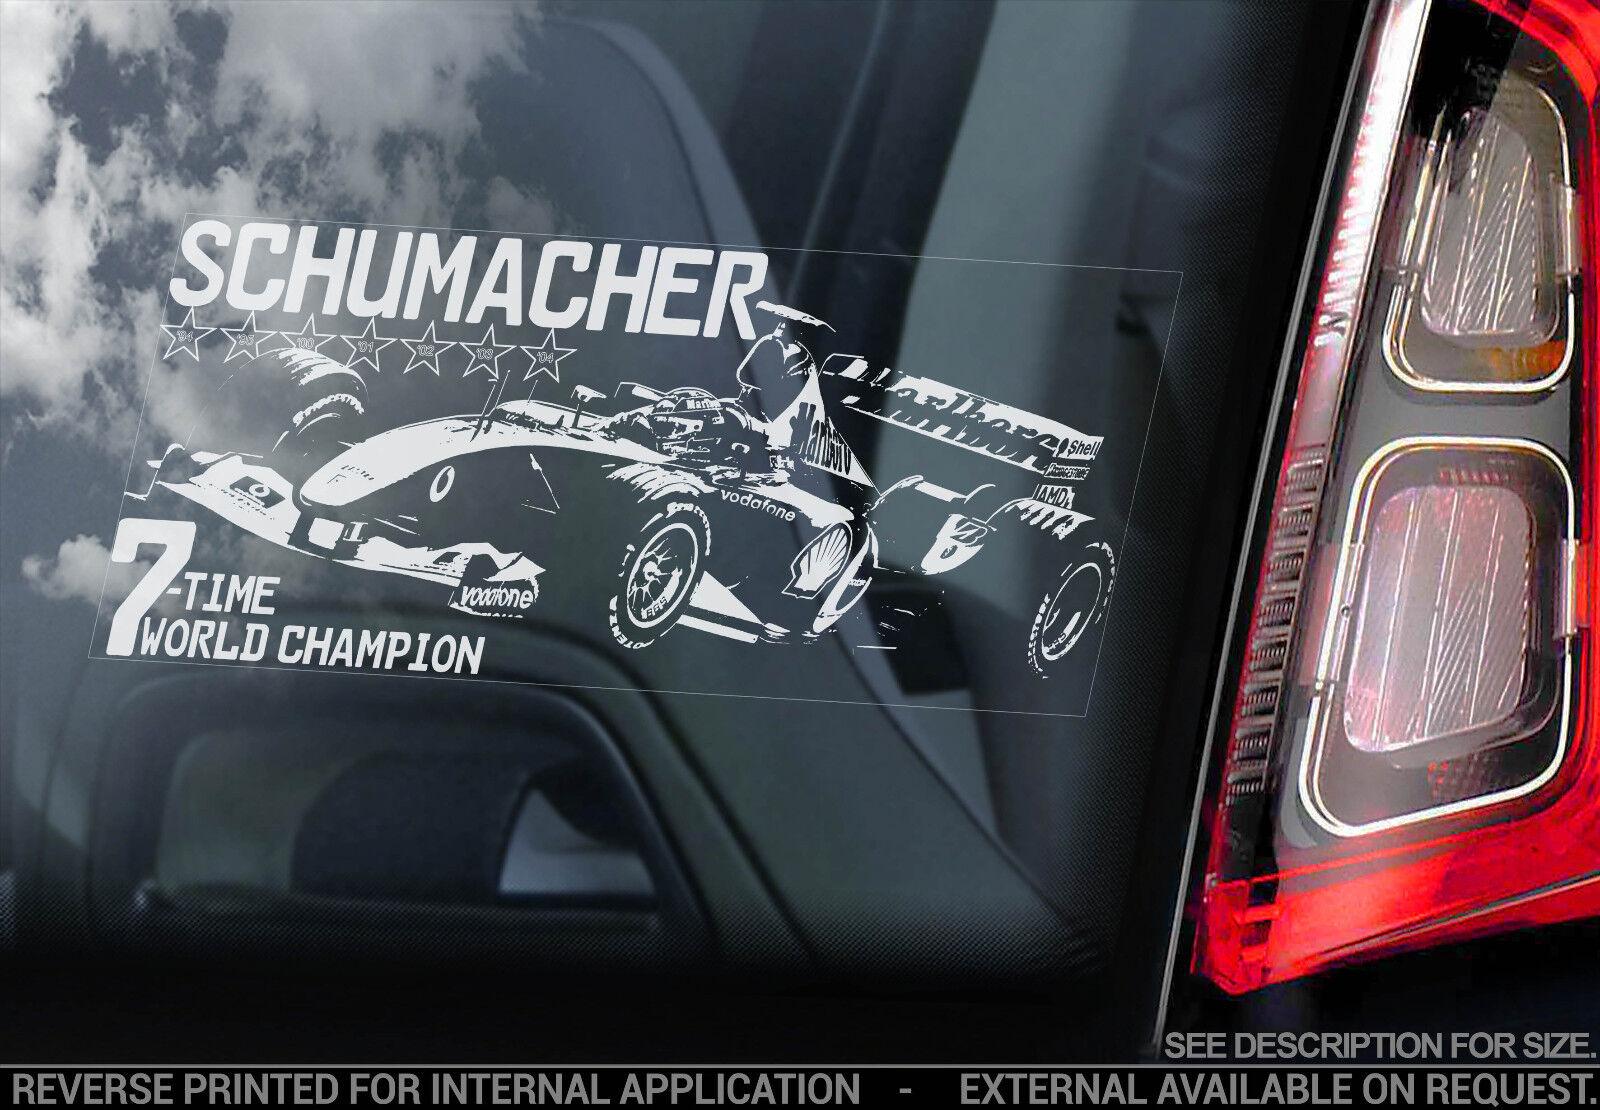 michael schumacher vitre voiture autocollant ferrari formule 1 f1 d calque ebay. Black Bedroom Furniture Sets. Home Design Ideas